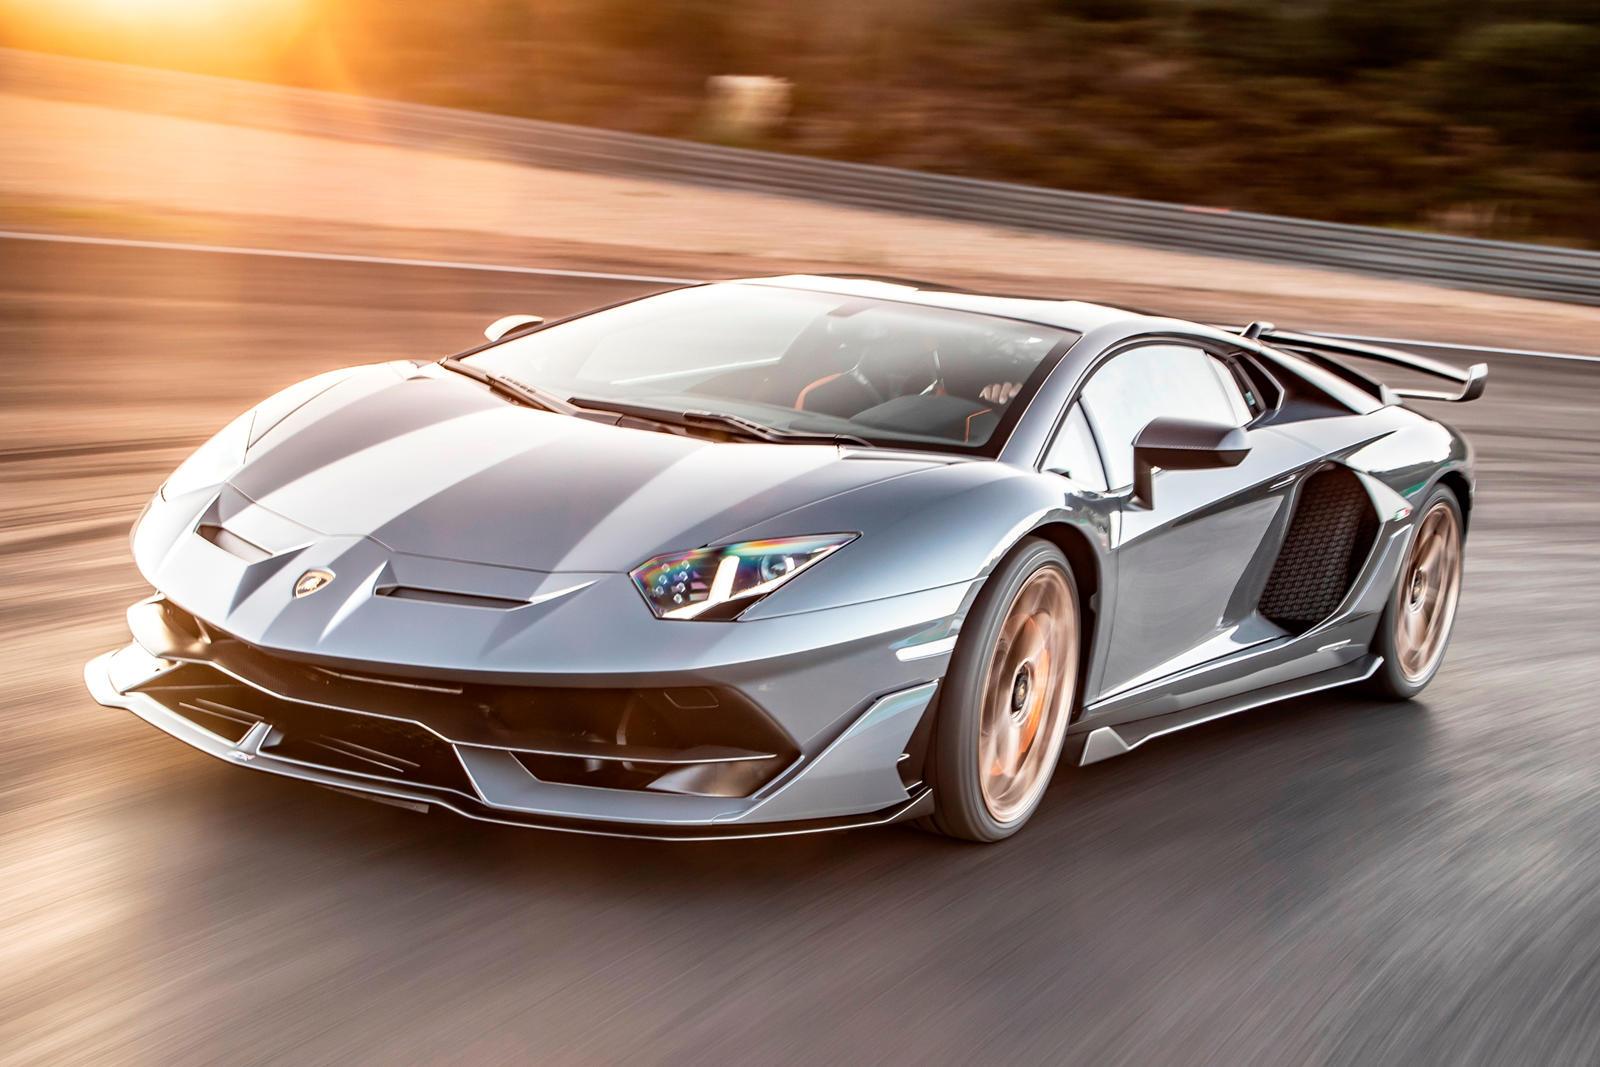 Lamborghini Aventador SVJ 2020 bị triệu hồi vì lỗi hy hữu